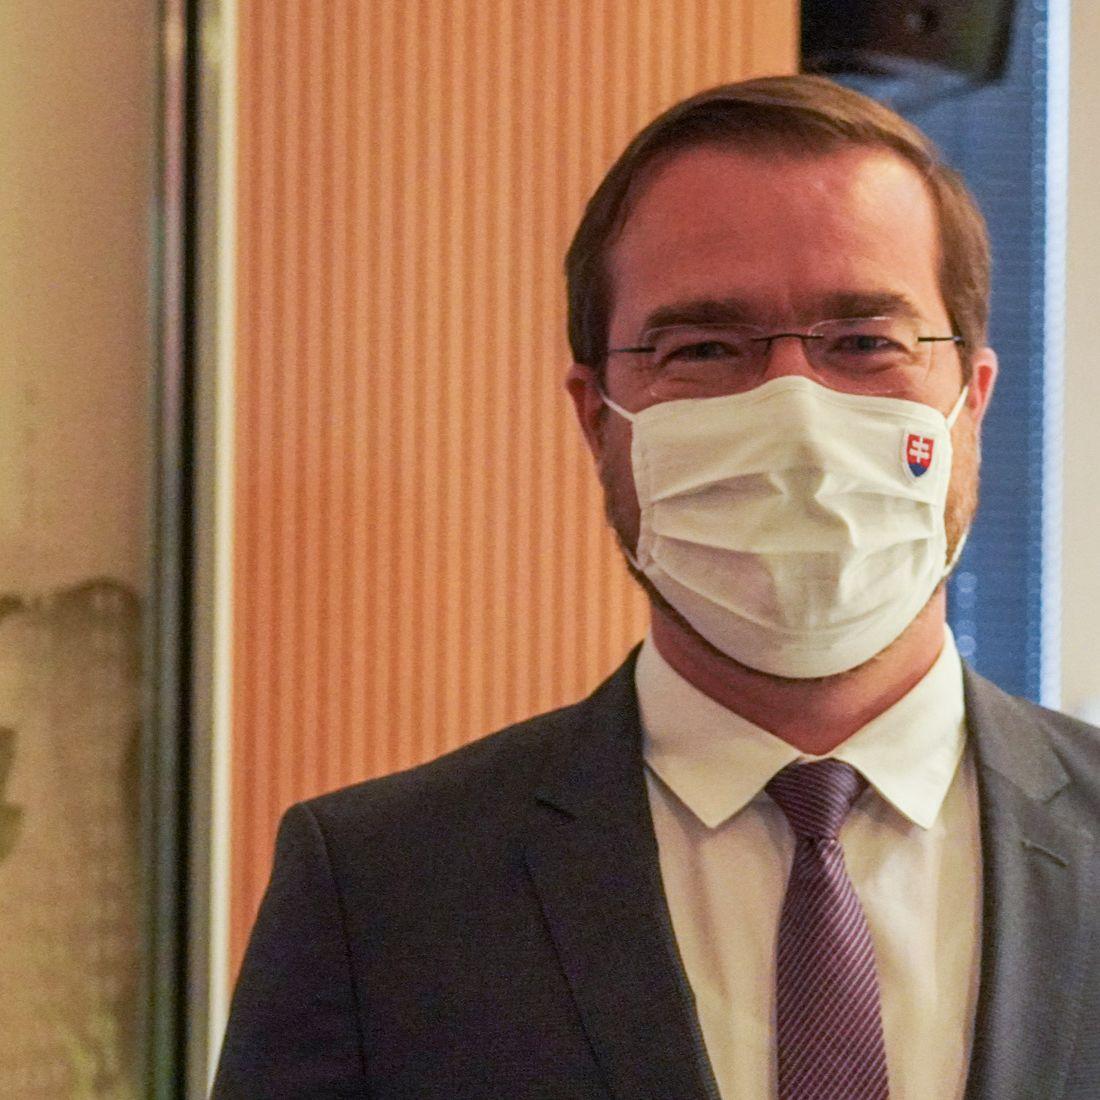 Marek Krajčí - Situácia by sa zlepšila, ak by opatrenia dodržiavali aj ľudia, ktorí im nedôverujú